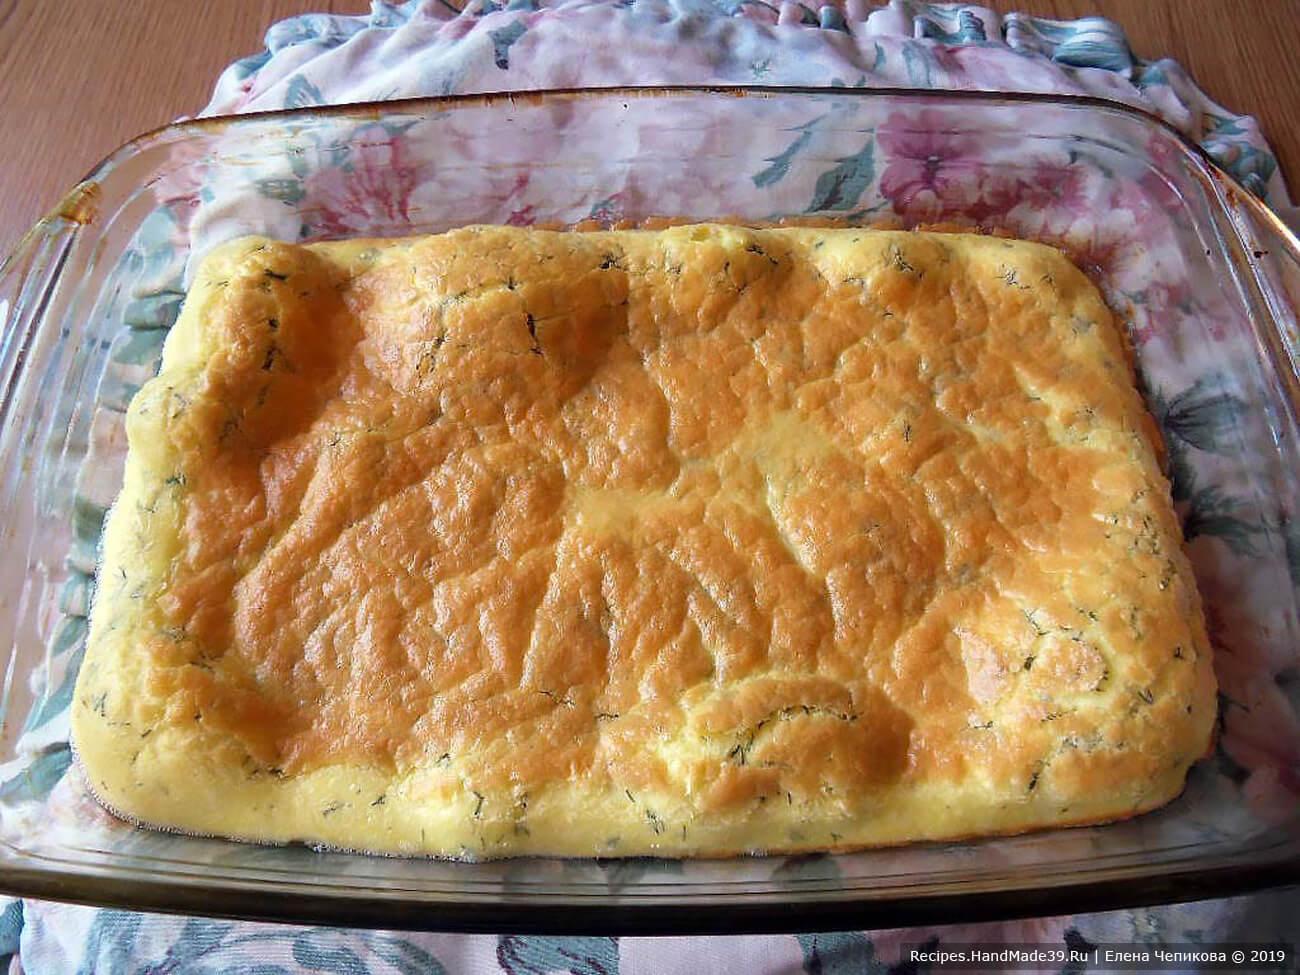 Вылить омлетную массу в форму, смазанную маслом, и запекать в духовке при температуре 200 °C до образования золотистой корочки